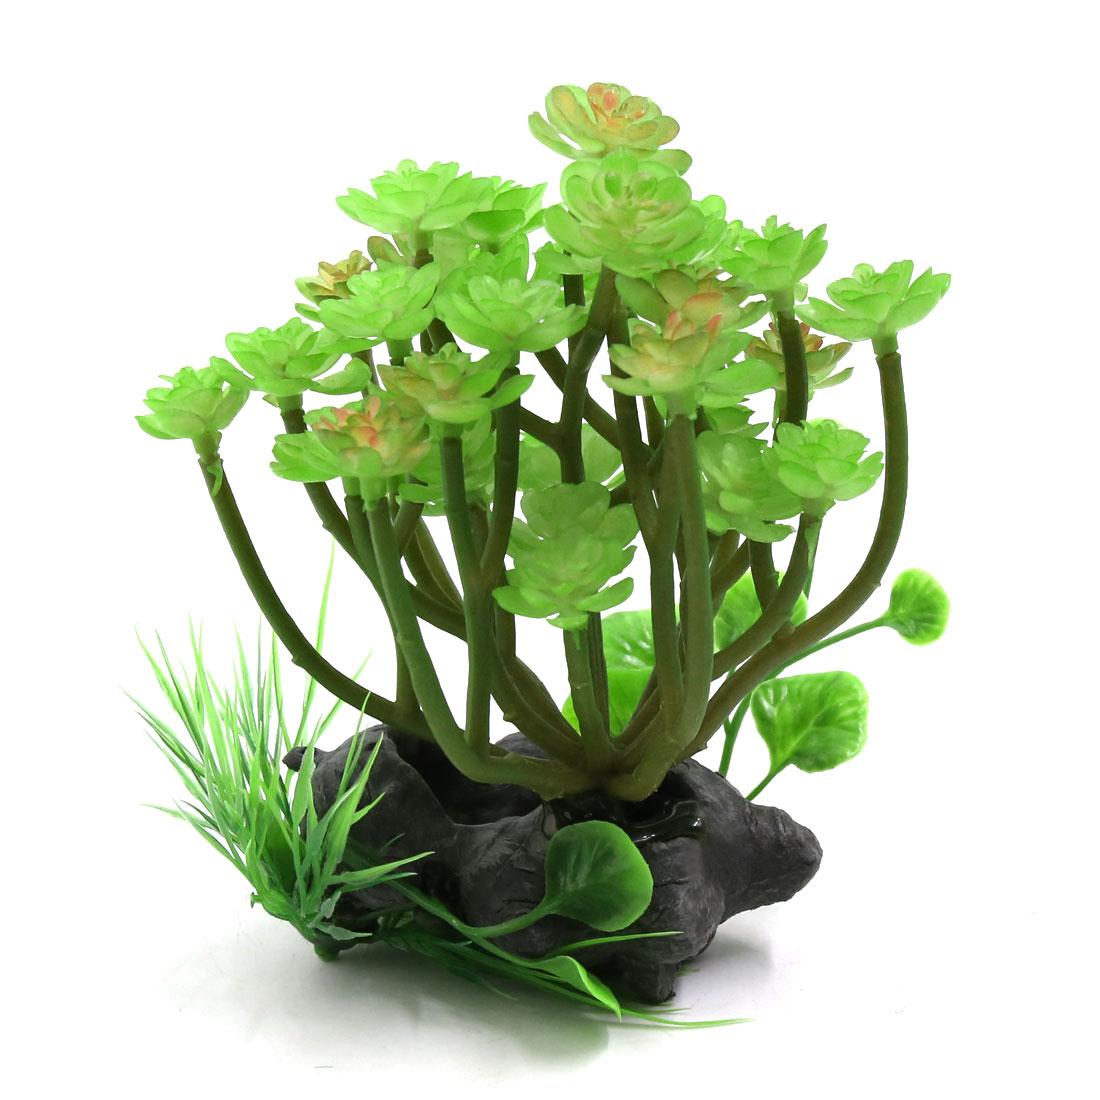 Plastic Lifelike Plant Terrarium Aquarium Reptiles Tank Decorative Ornament